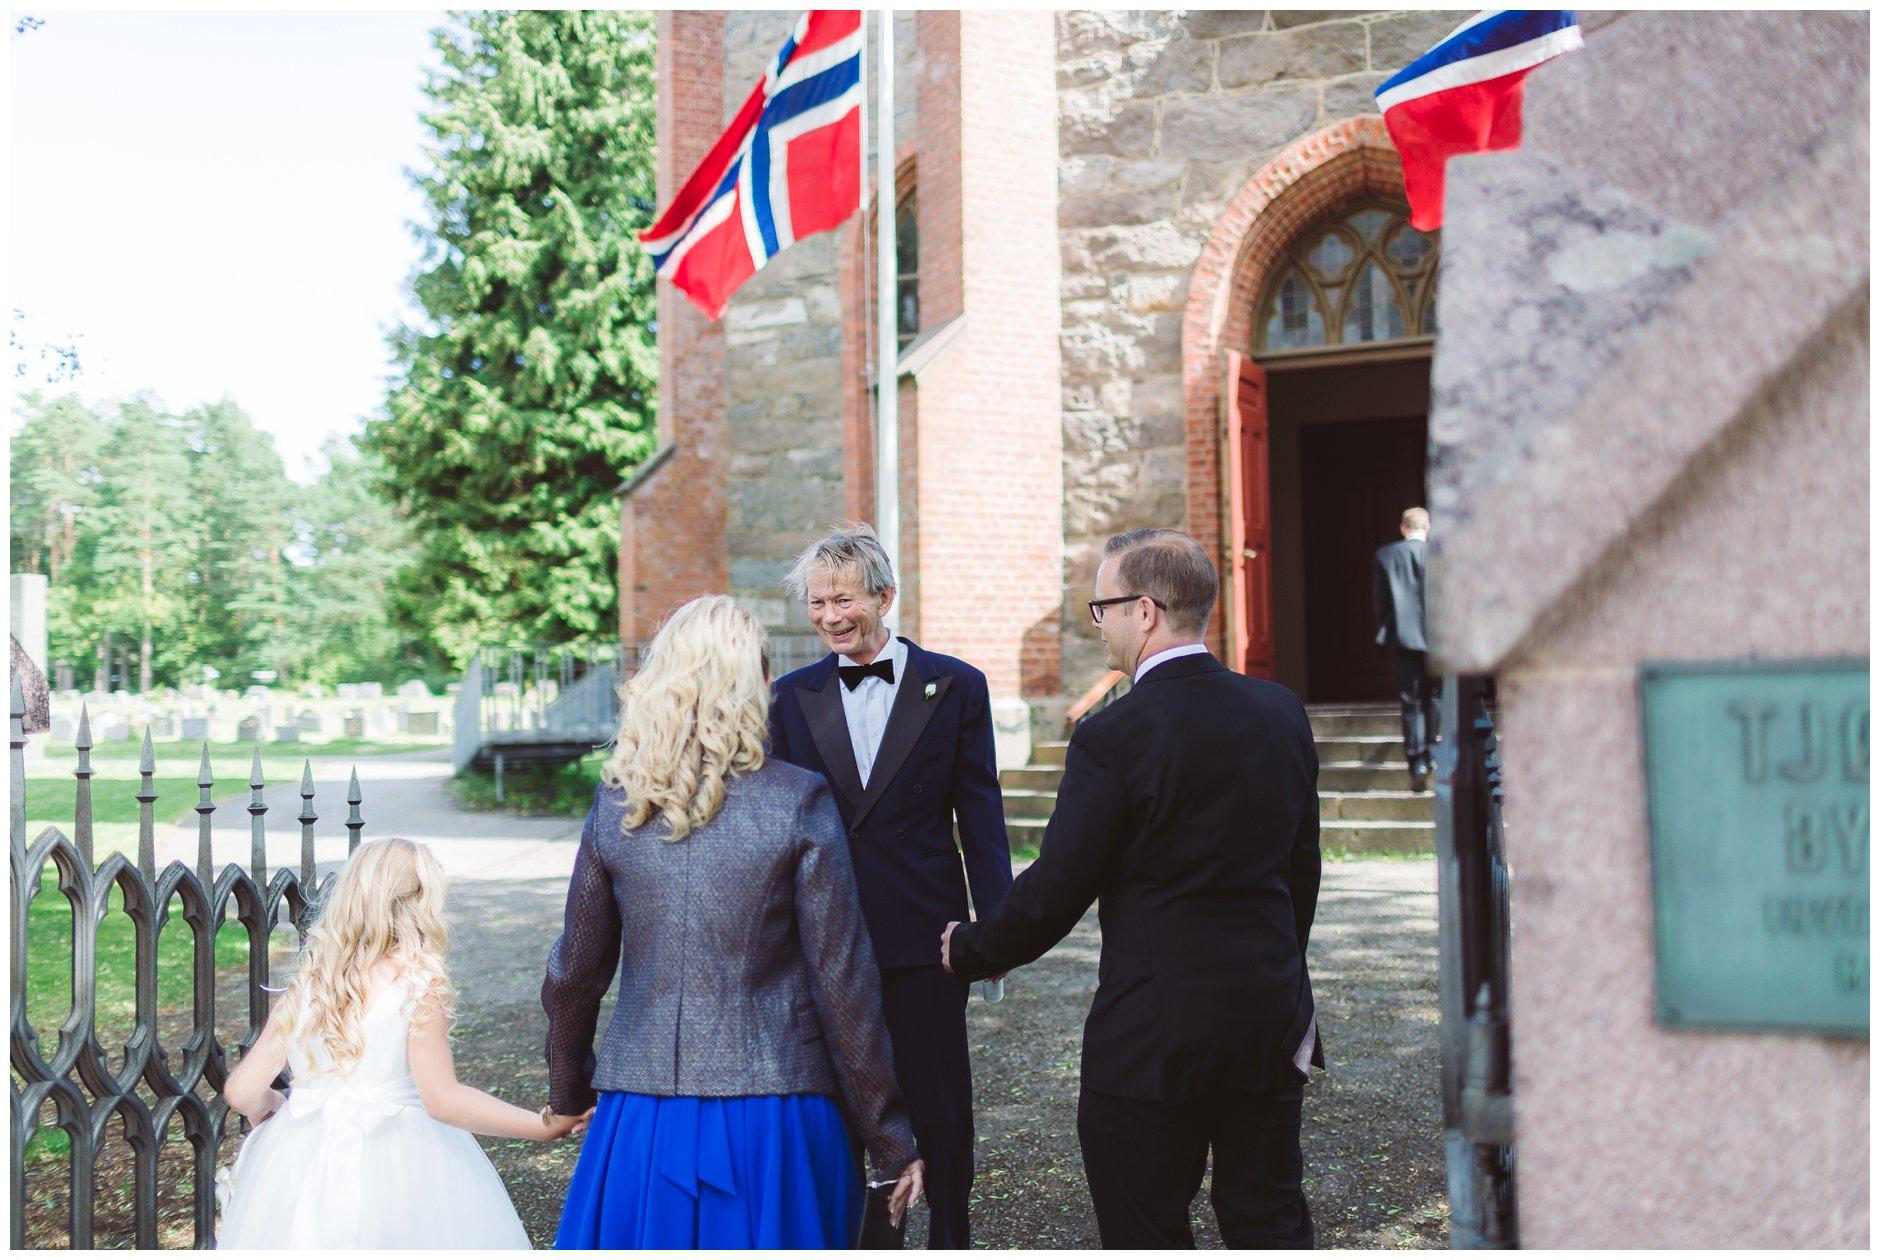 Fotograf-Eline-Jacobine-Bryllup-Tjøme-Scandic-Havna-Trine-og-Halvor_0024